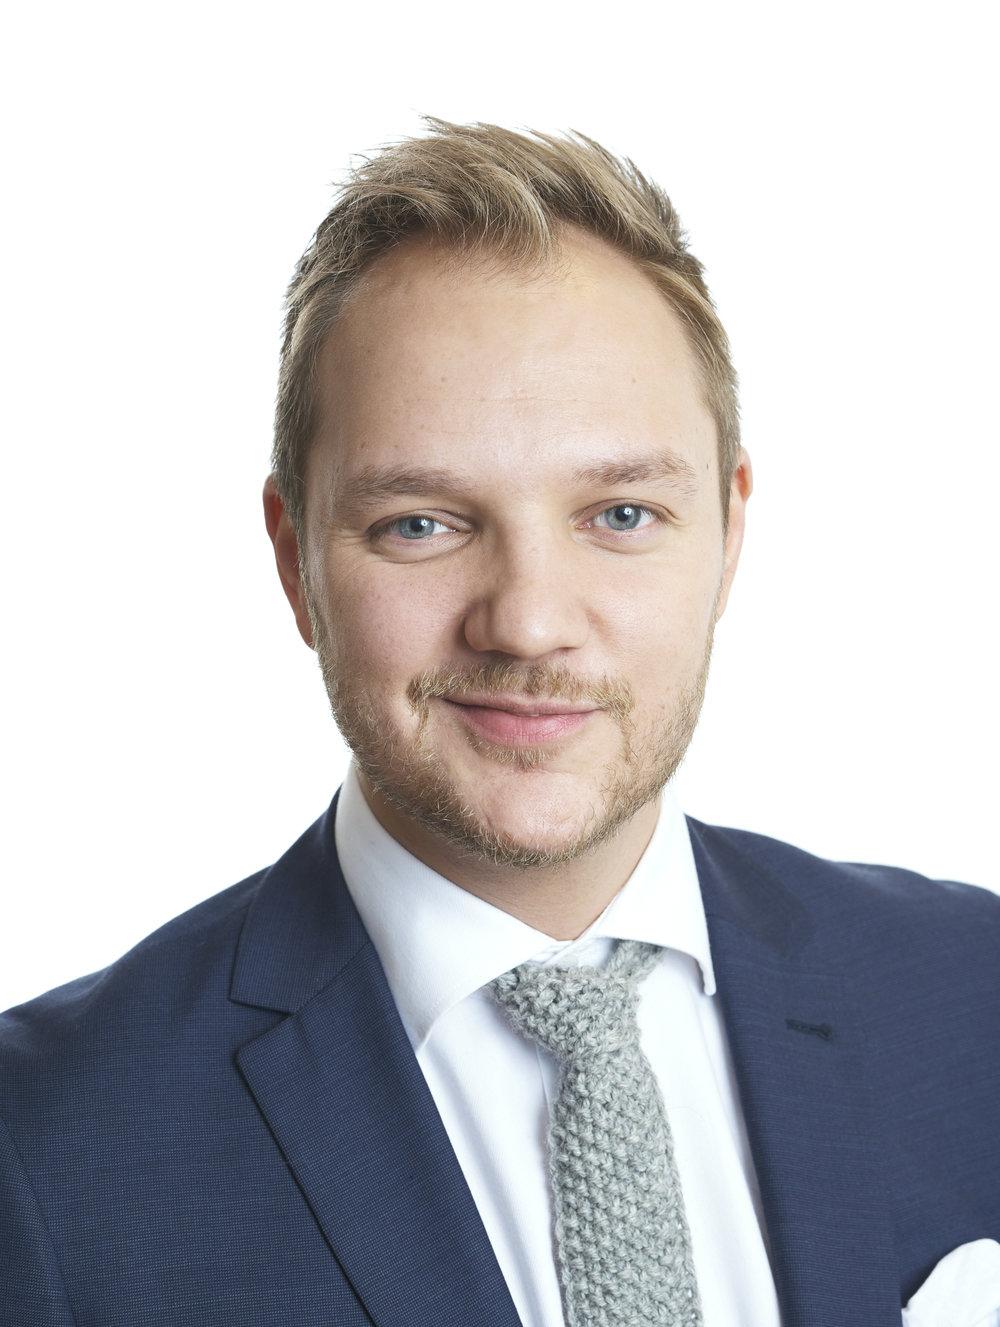 <span>Jaakko Männistö (FIN)</span><span>Feedbackly</span>